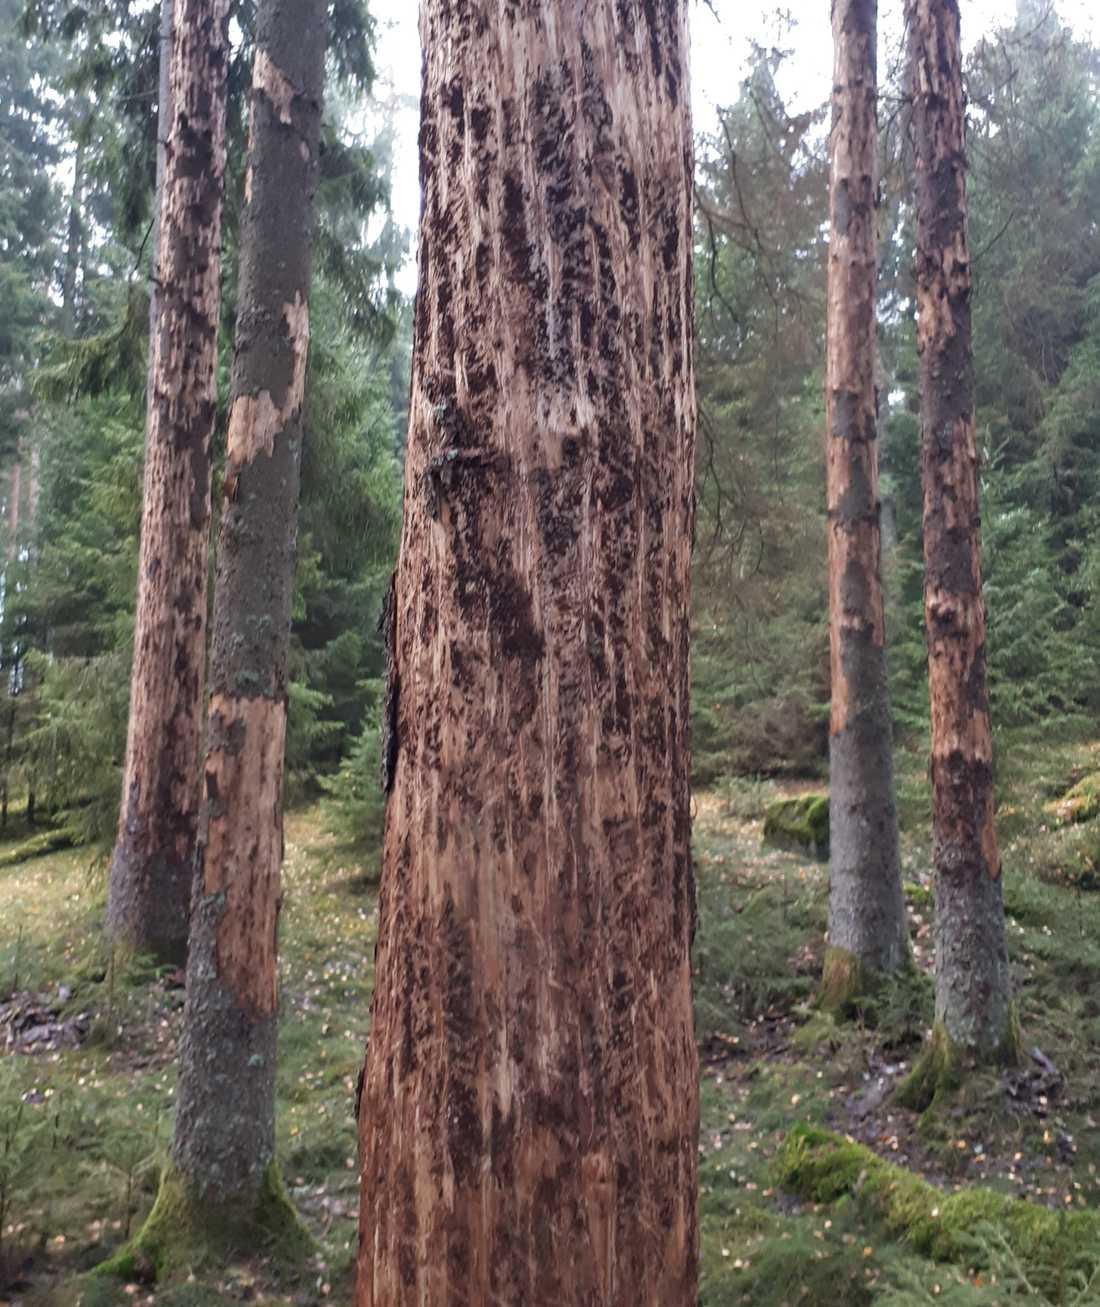 Träd angripna av granbarkborre i Götaland. Skogsstyrelsen uppmanar nu alla skogsägare att se över sina skogar och leta efter angrepp.